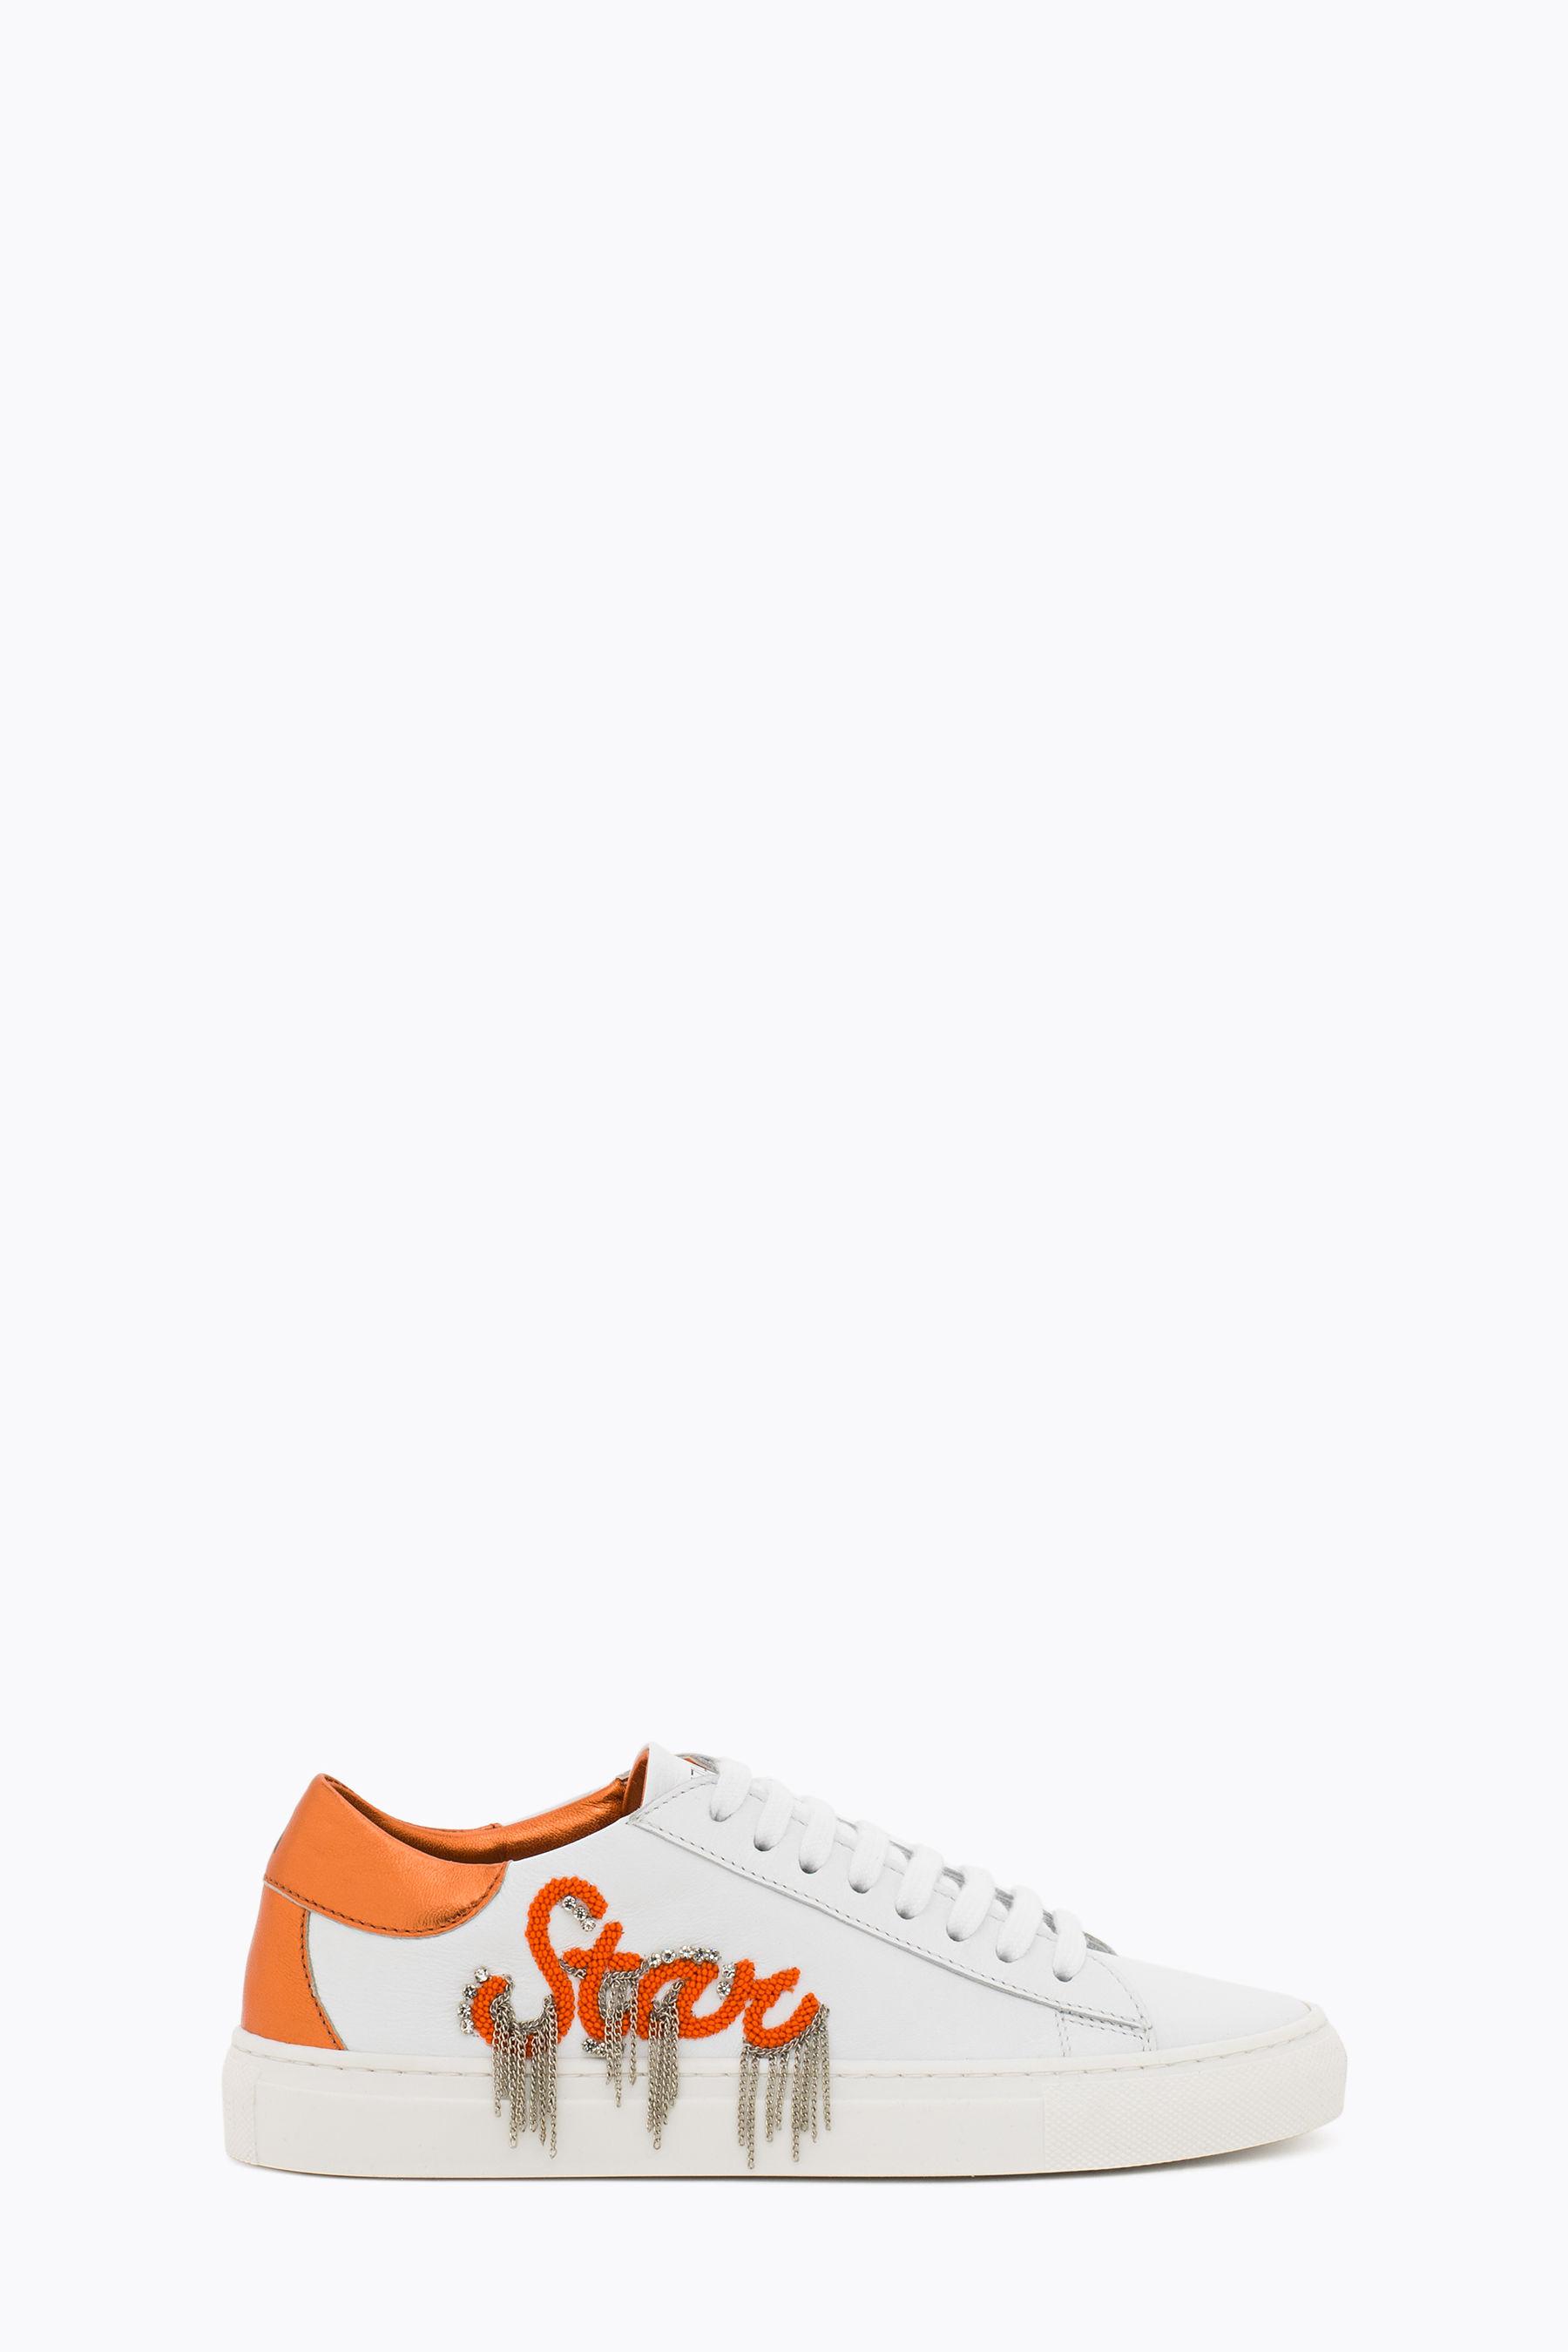 Fÿr de Alltag Sneakers Chaussures FrauenBequemer Den Tennis PiukZX